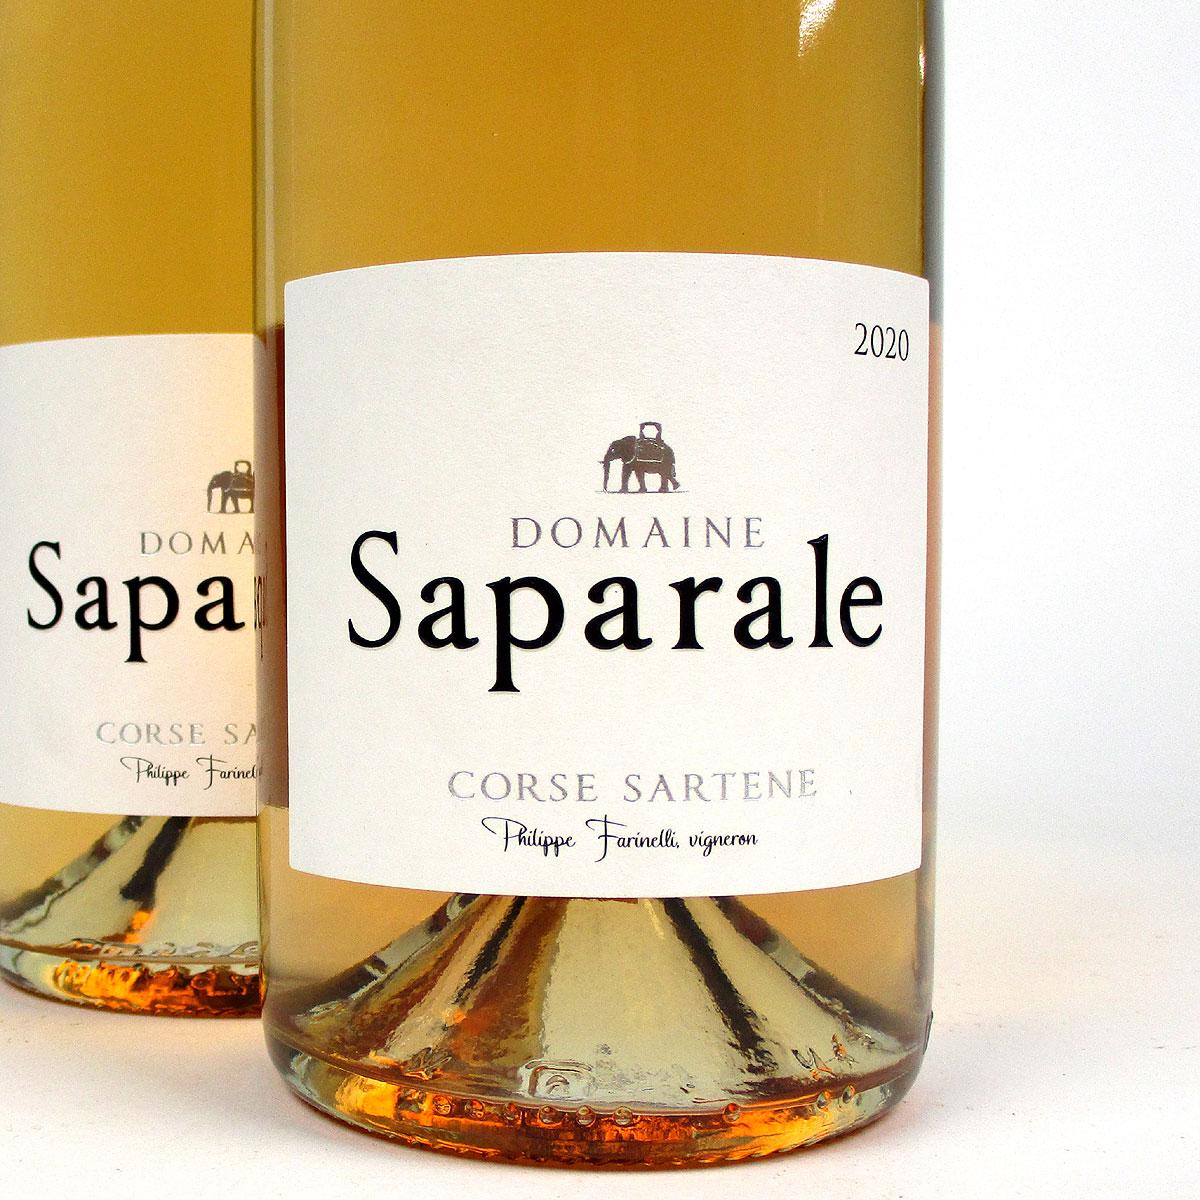 Vin de Corse Sartène Rosé: Domaine Saparale 2020